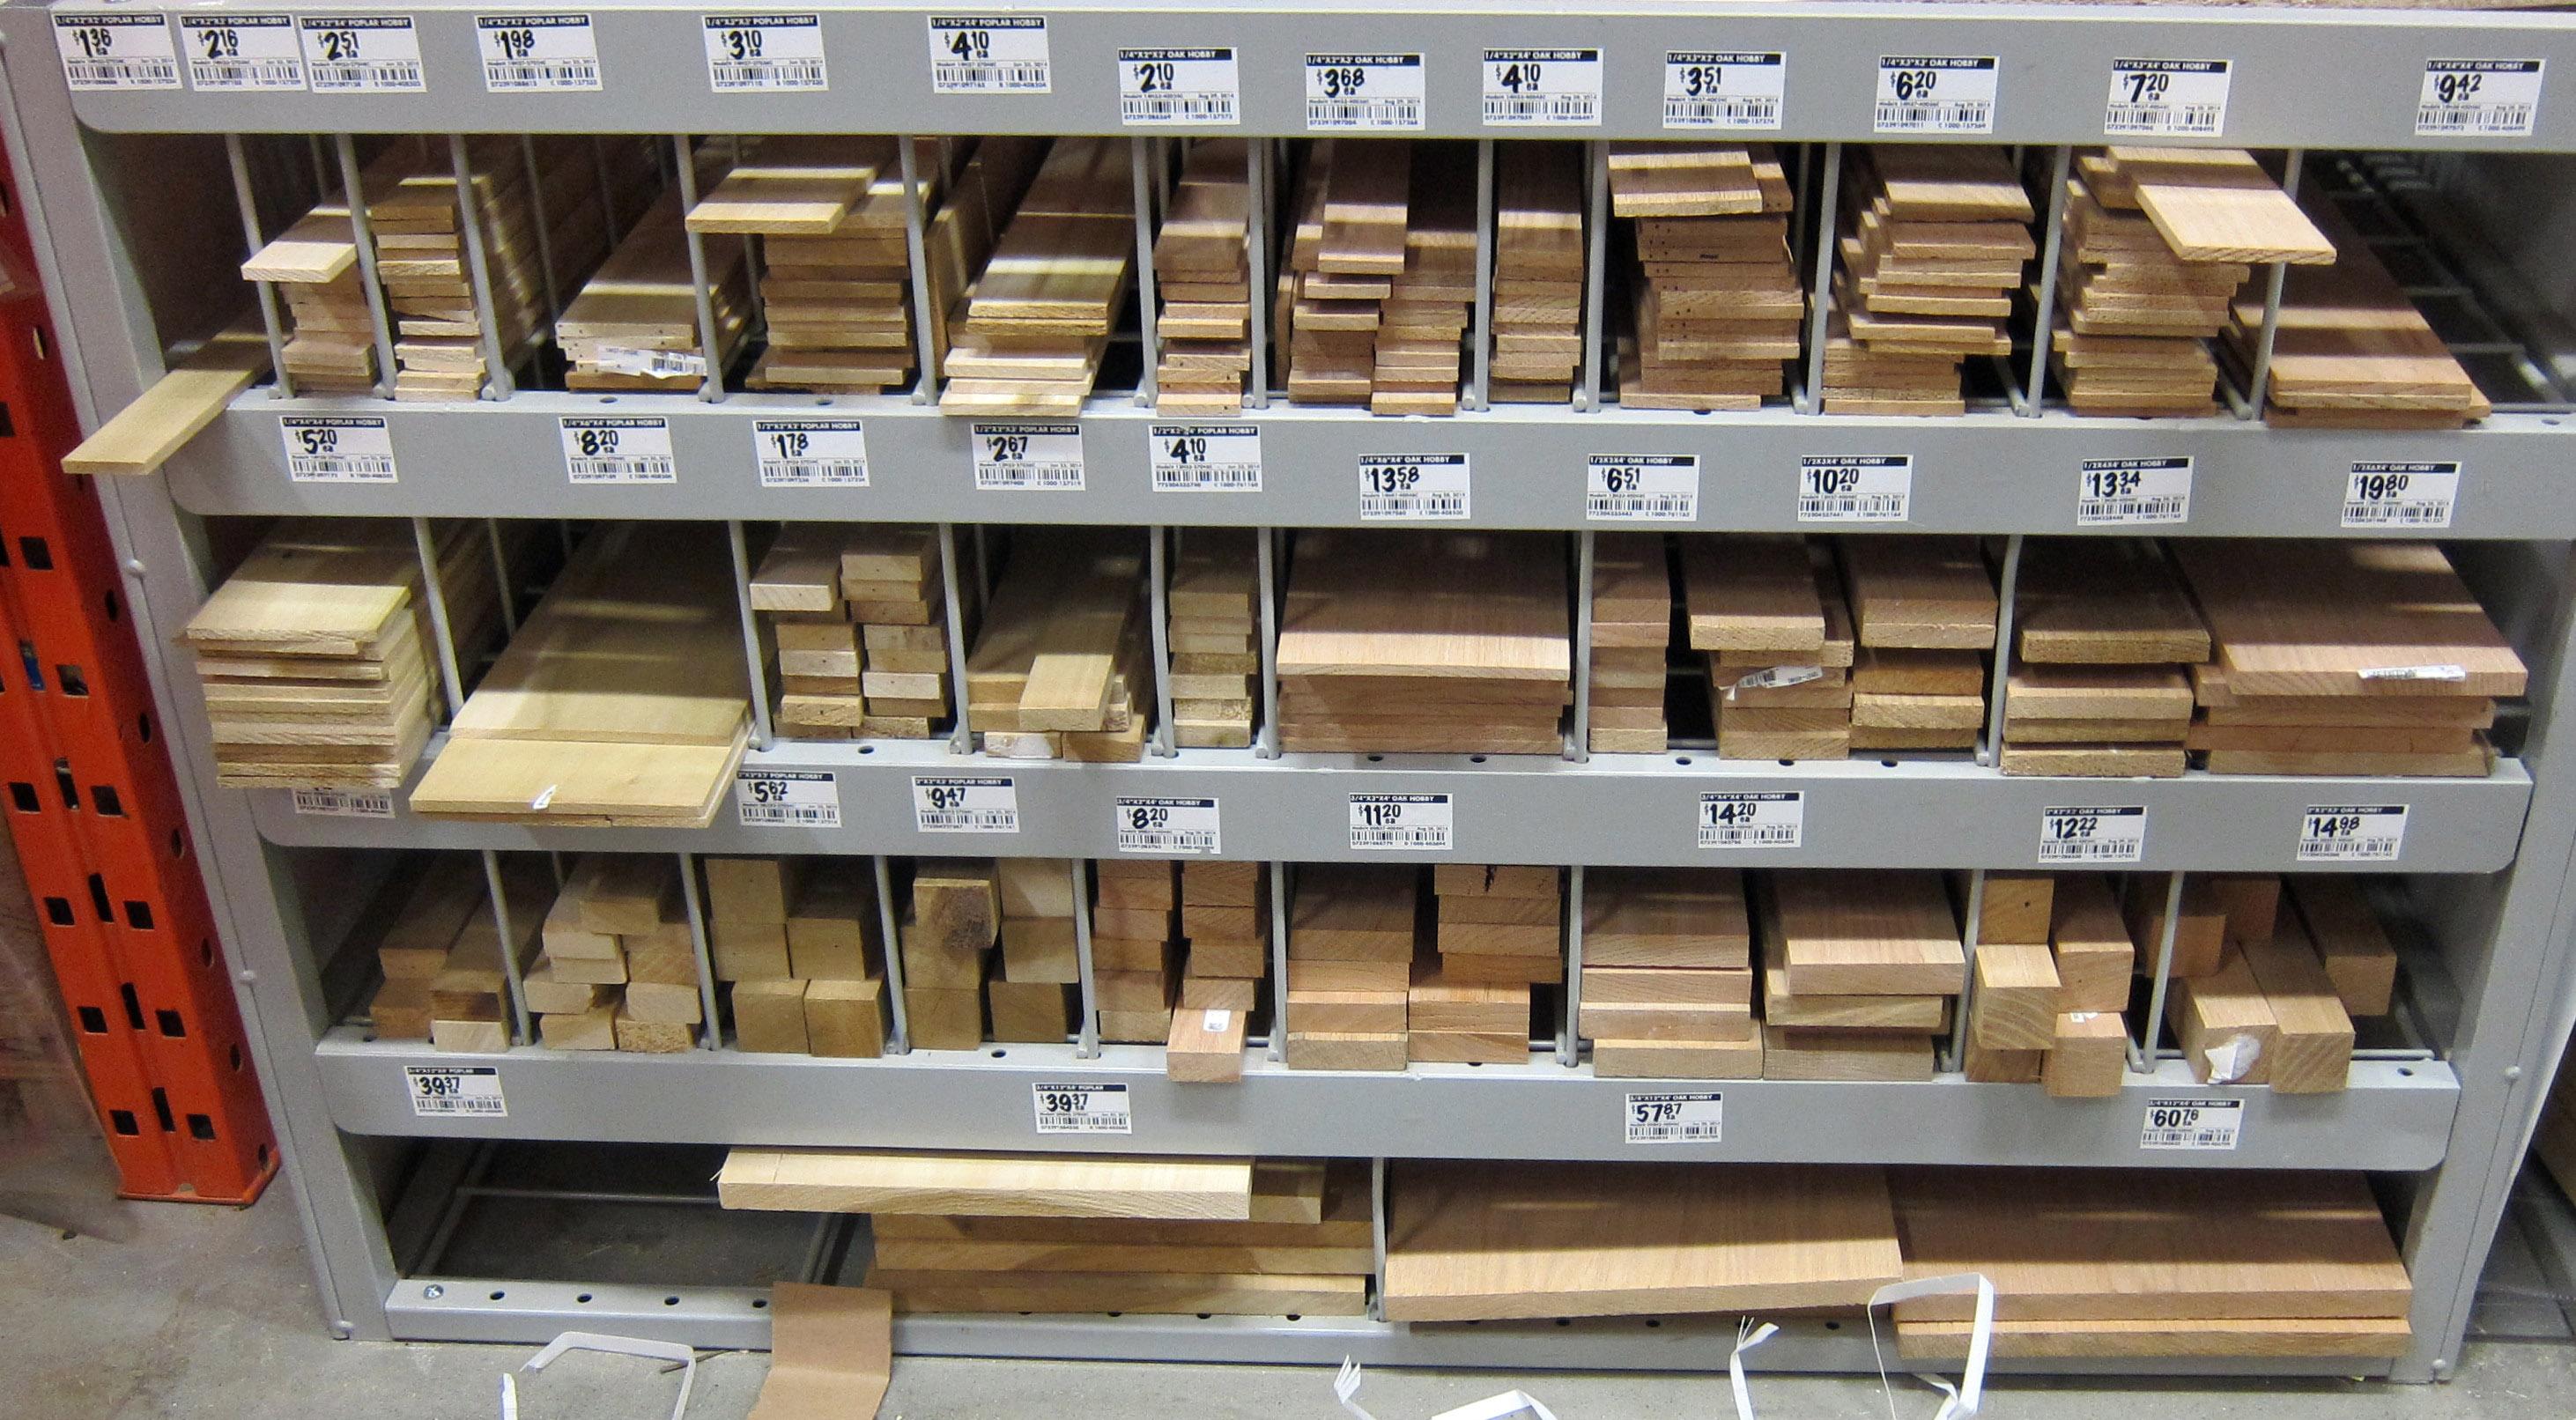 6 Home Depot Resized.jpg